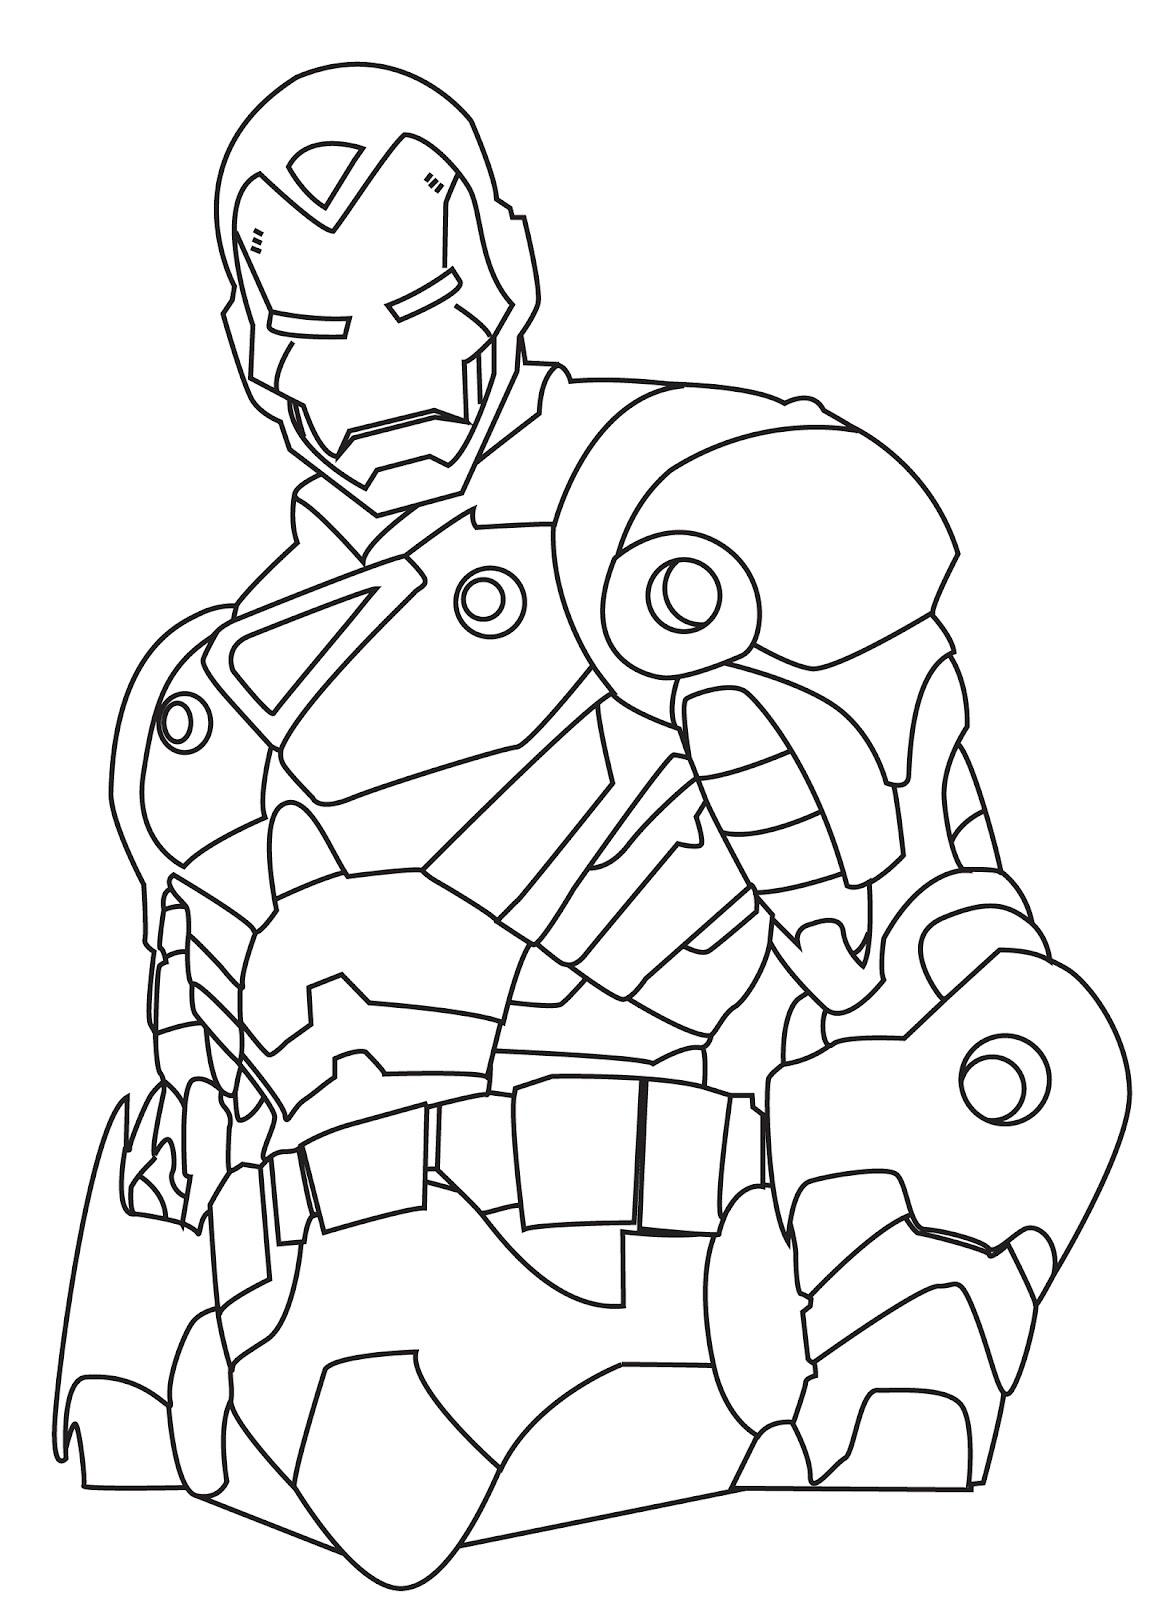 Desenhos do Homem de Ferro para colorir Desenho do  - imagens para colorir do homem de ferro